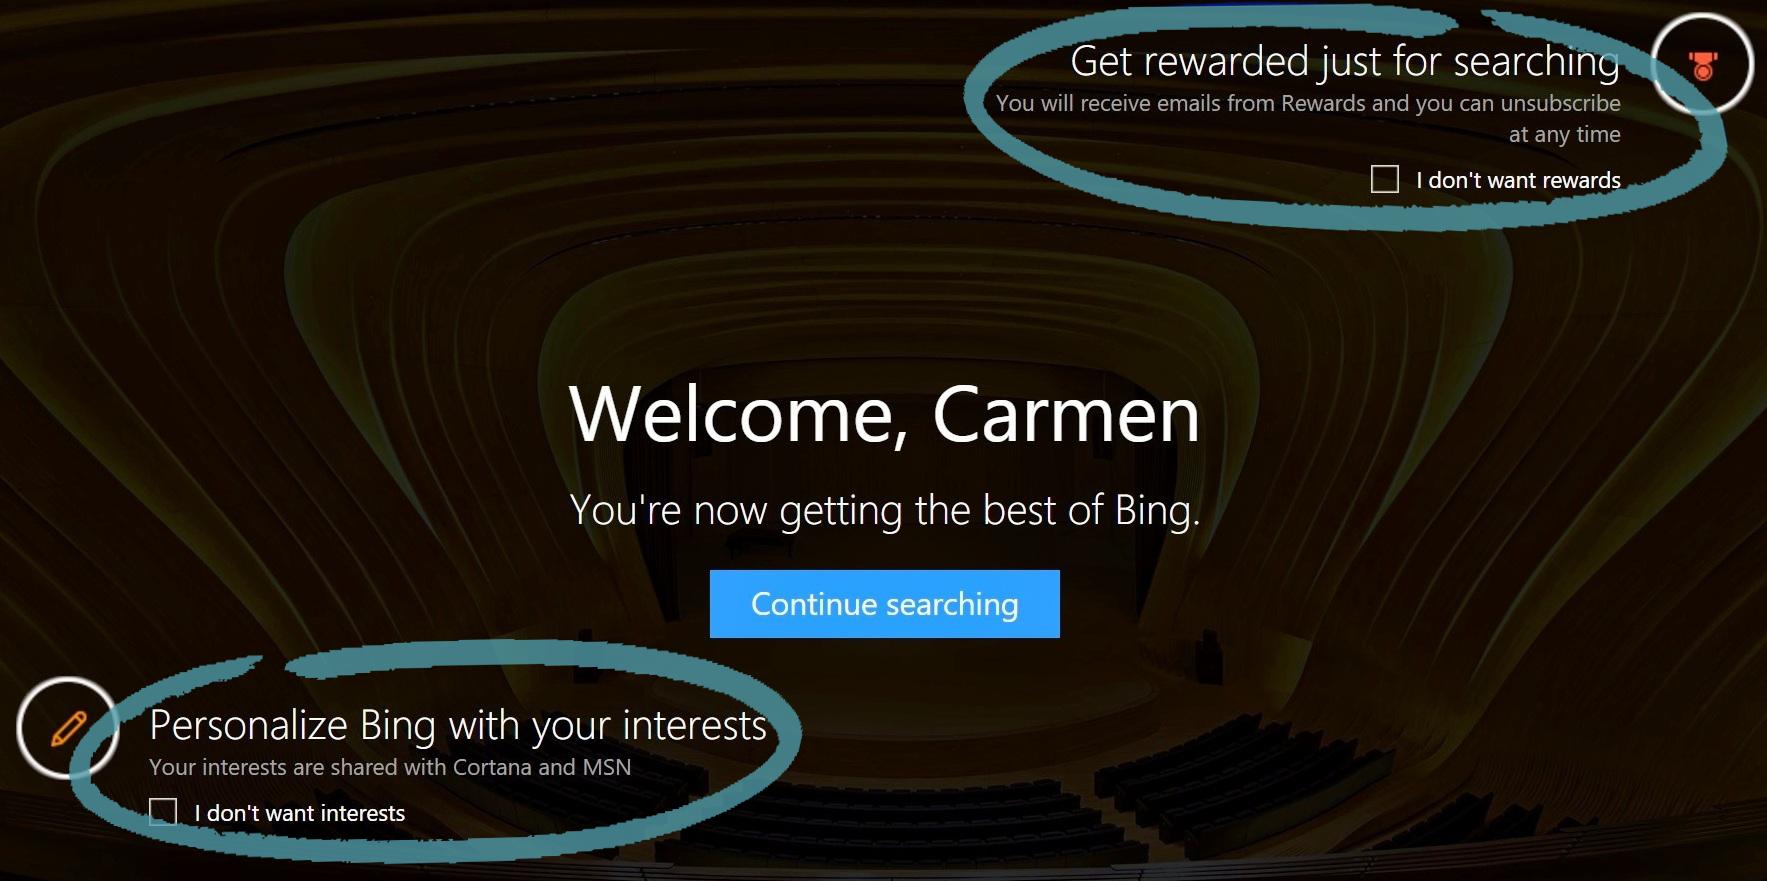 De startpagina van Bing met opties voor Rewards en Interesses.